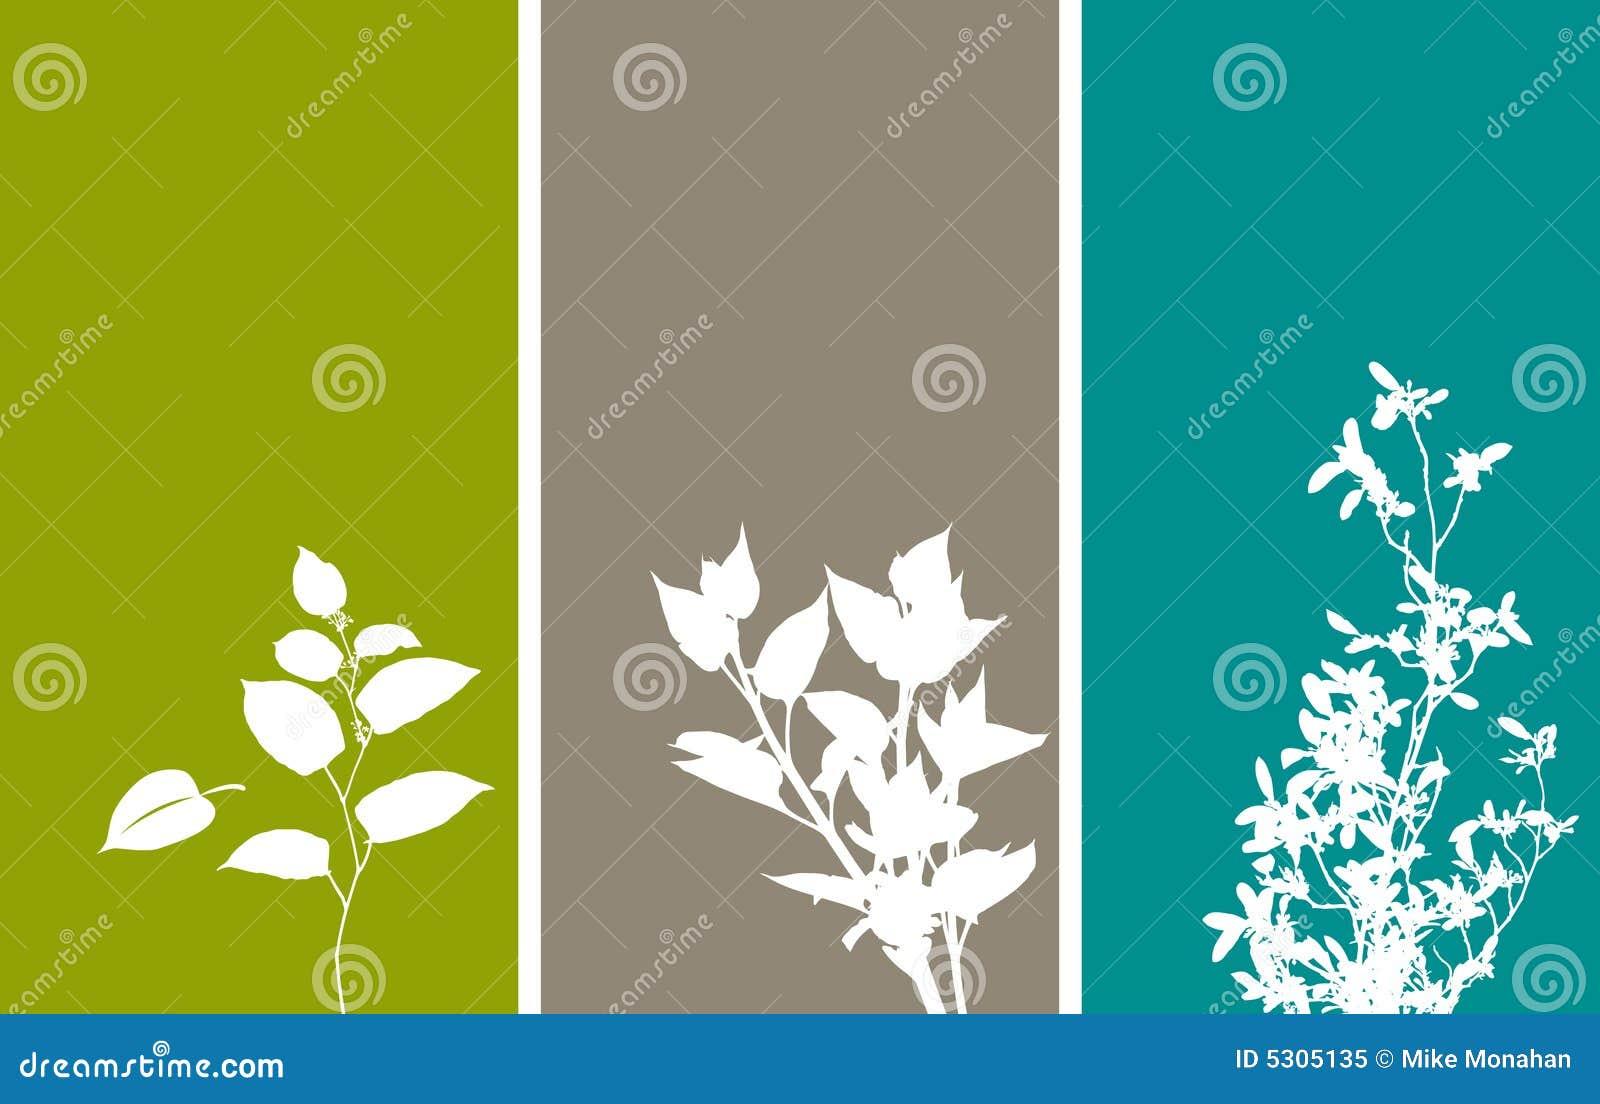 Drapeaux floraux verticaux